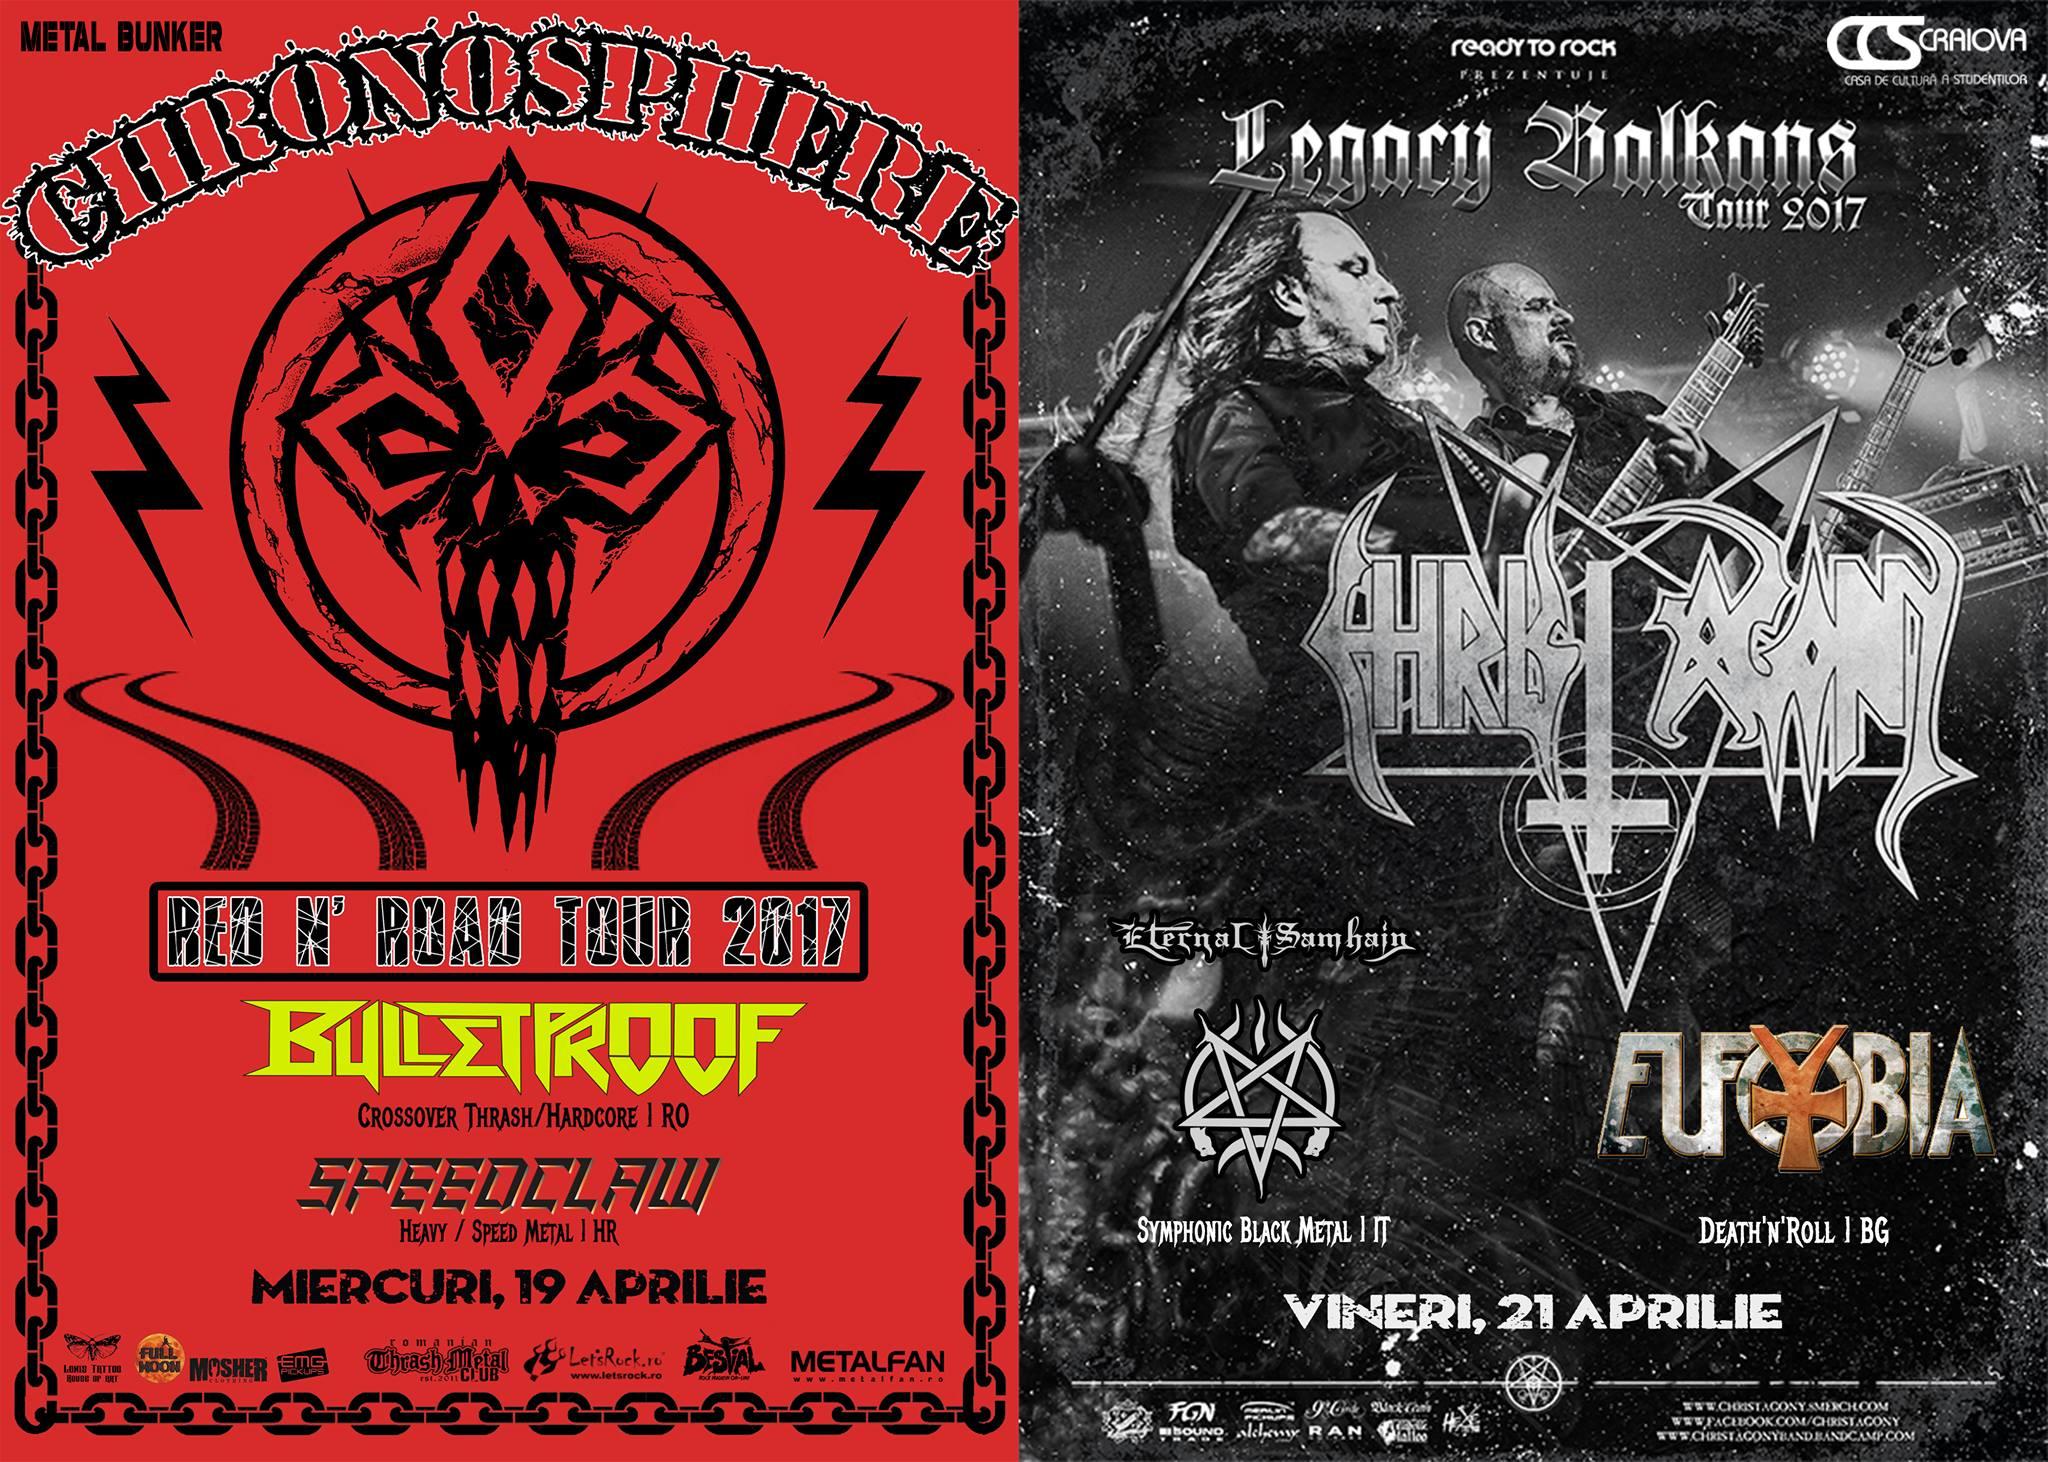 Festivalul Metal Bunker la Craiova, cu trupe din din Croatia, Bulgaria, Grecia, Italia si Polonia. Din Romania: Bulletproof